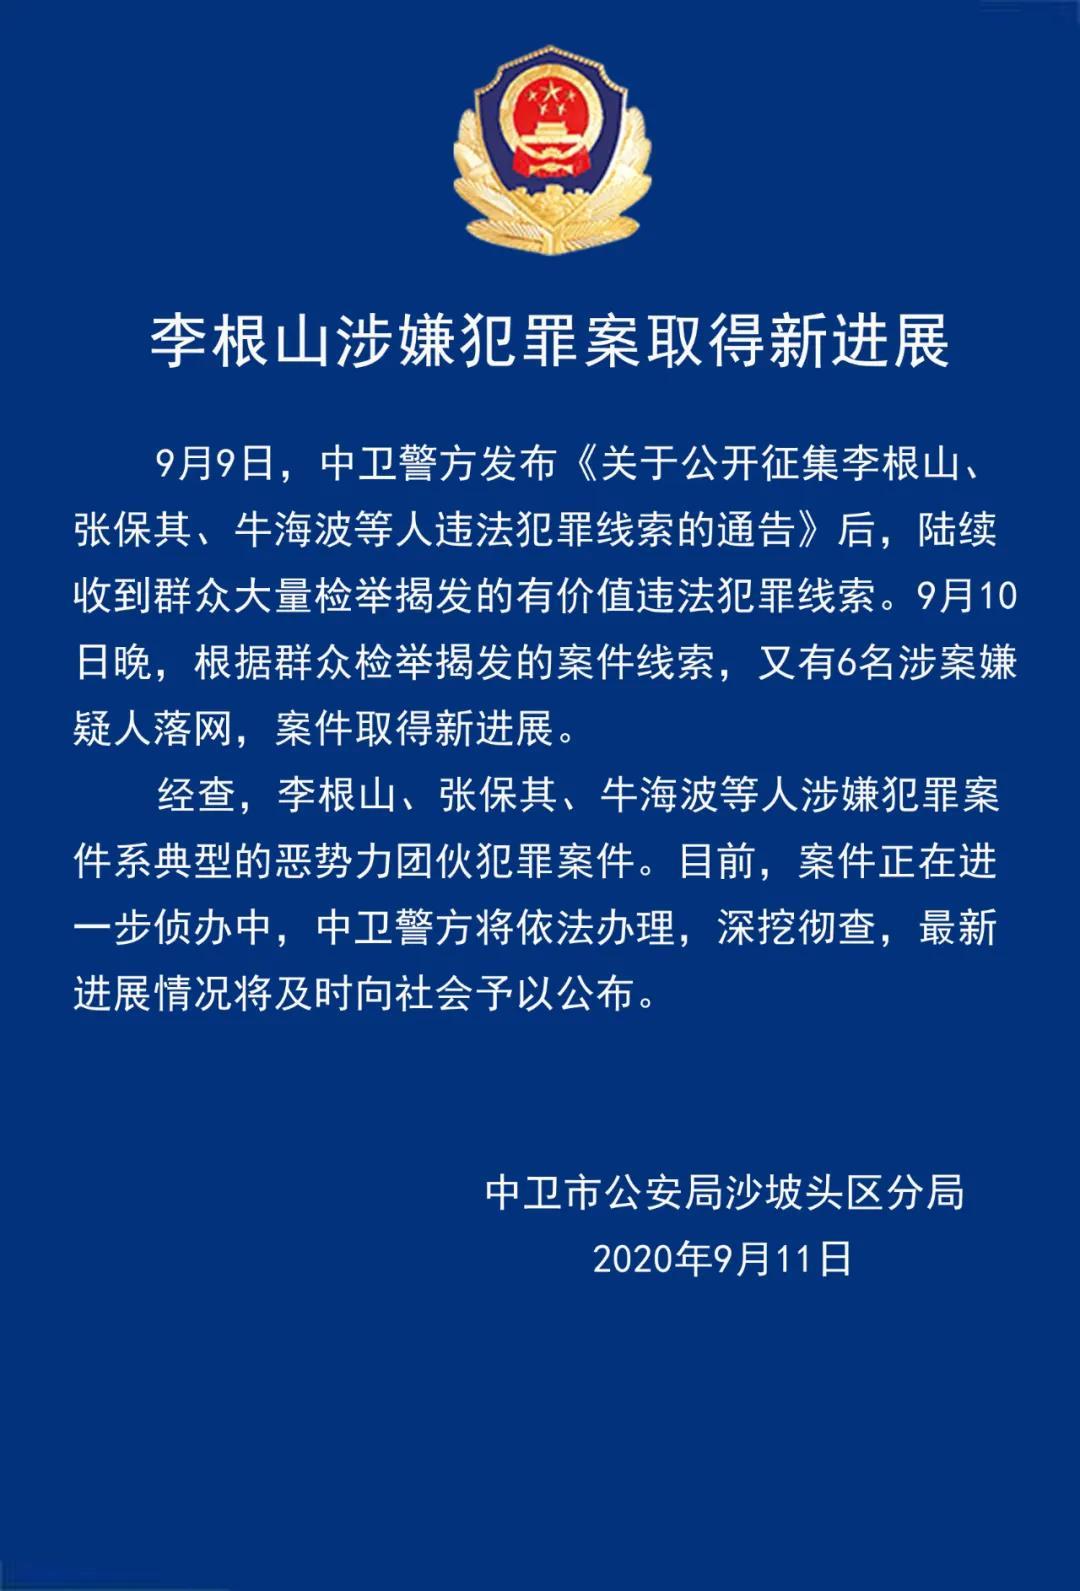 腾格里污染举报人李根山被刑拘 警方:系团伙犯罪案,又有6人落网